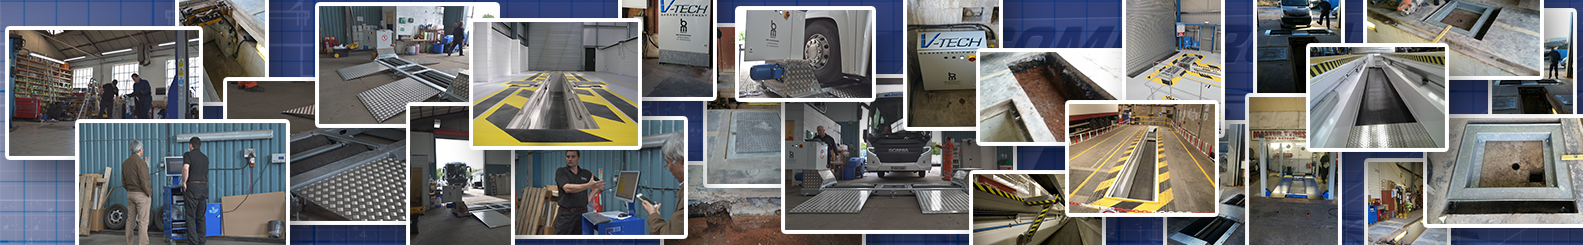 ATL MOT steel pit BM brake tester commercial garage